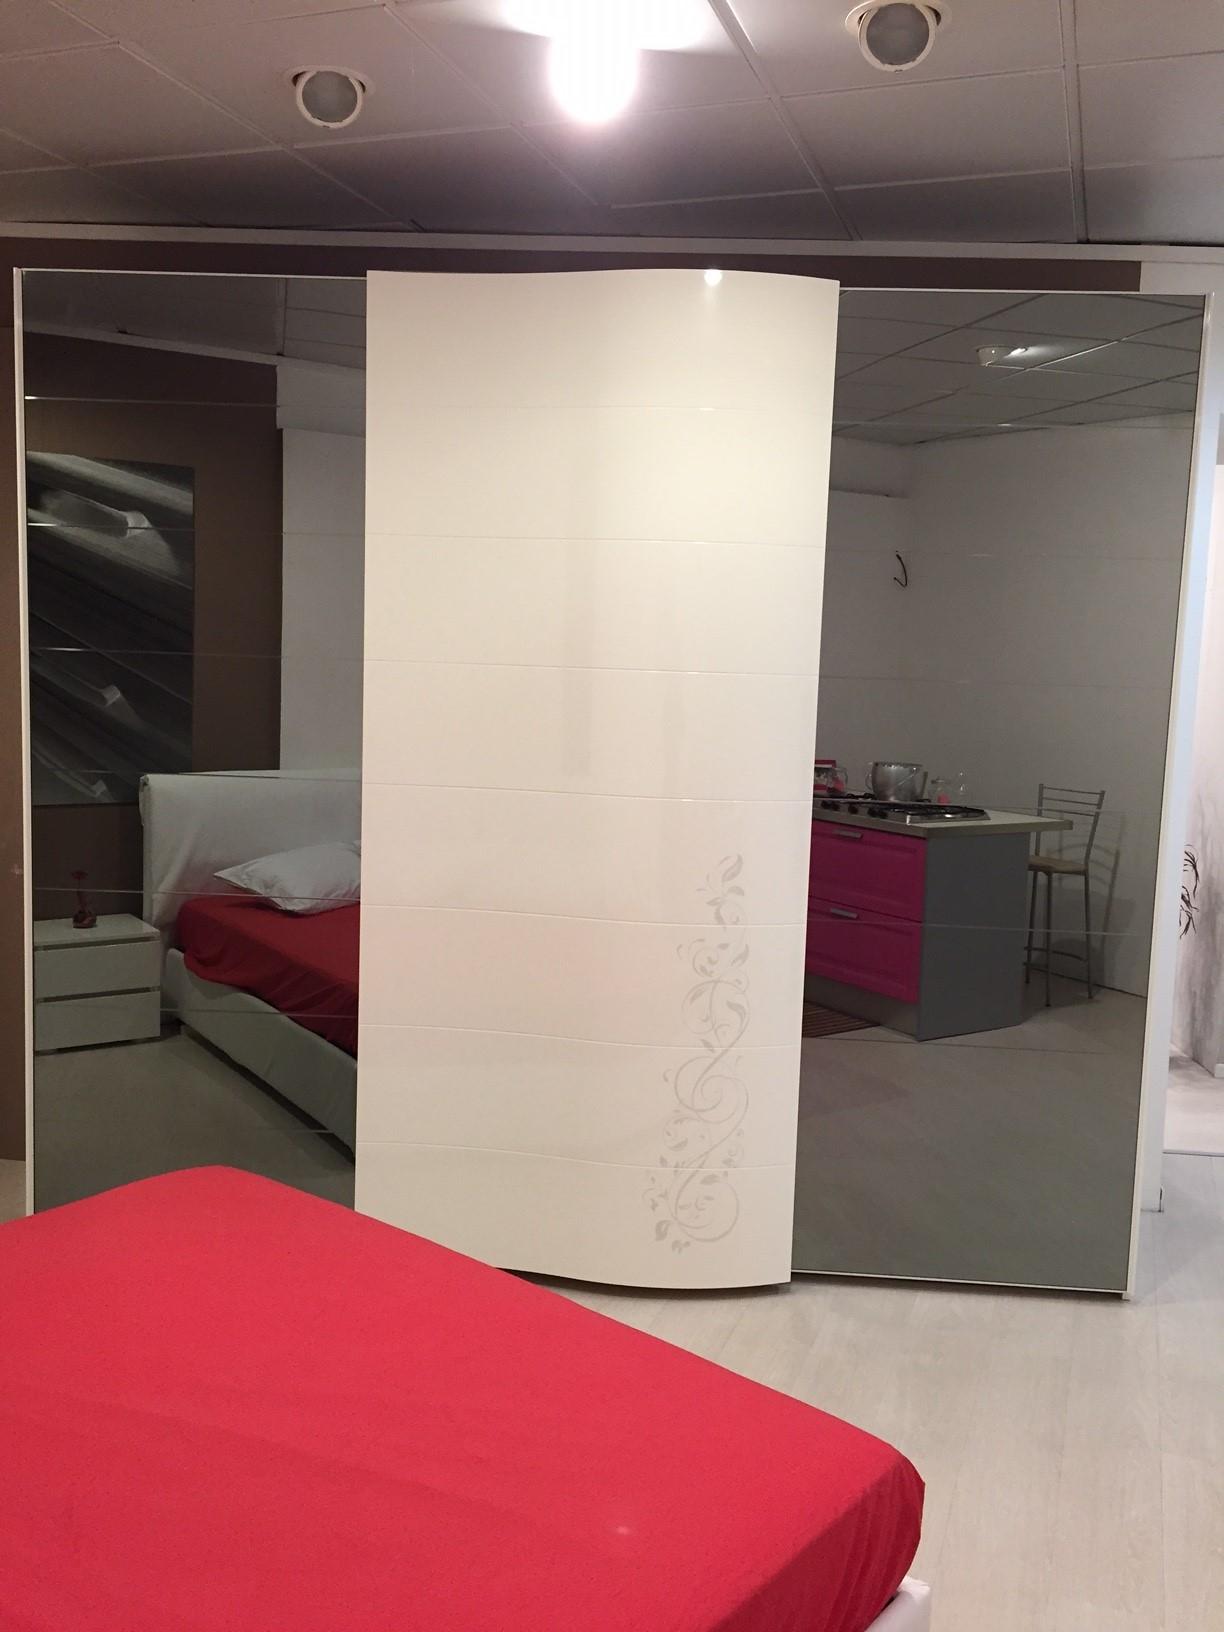 Camera spar prestige laccato lucido moderno camera completa camere a prezzi scontati - Camera da letto spar prestige dimensioni ...